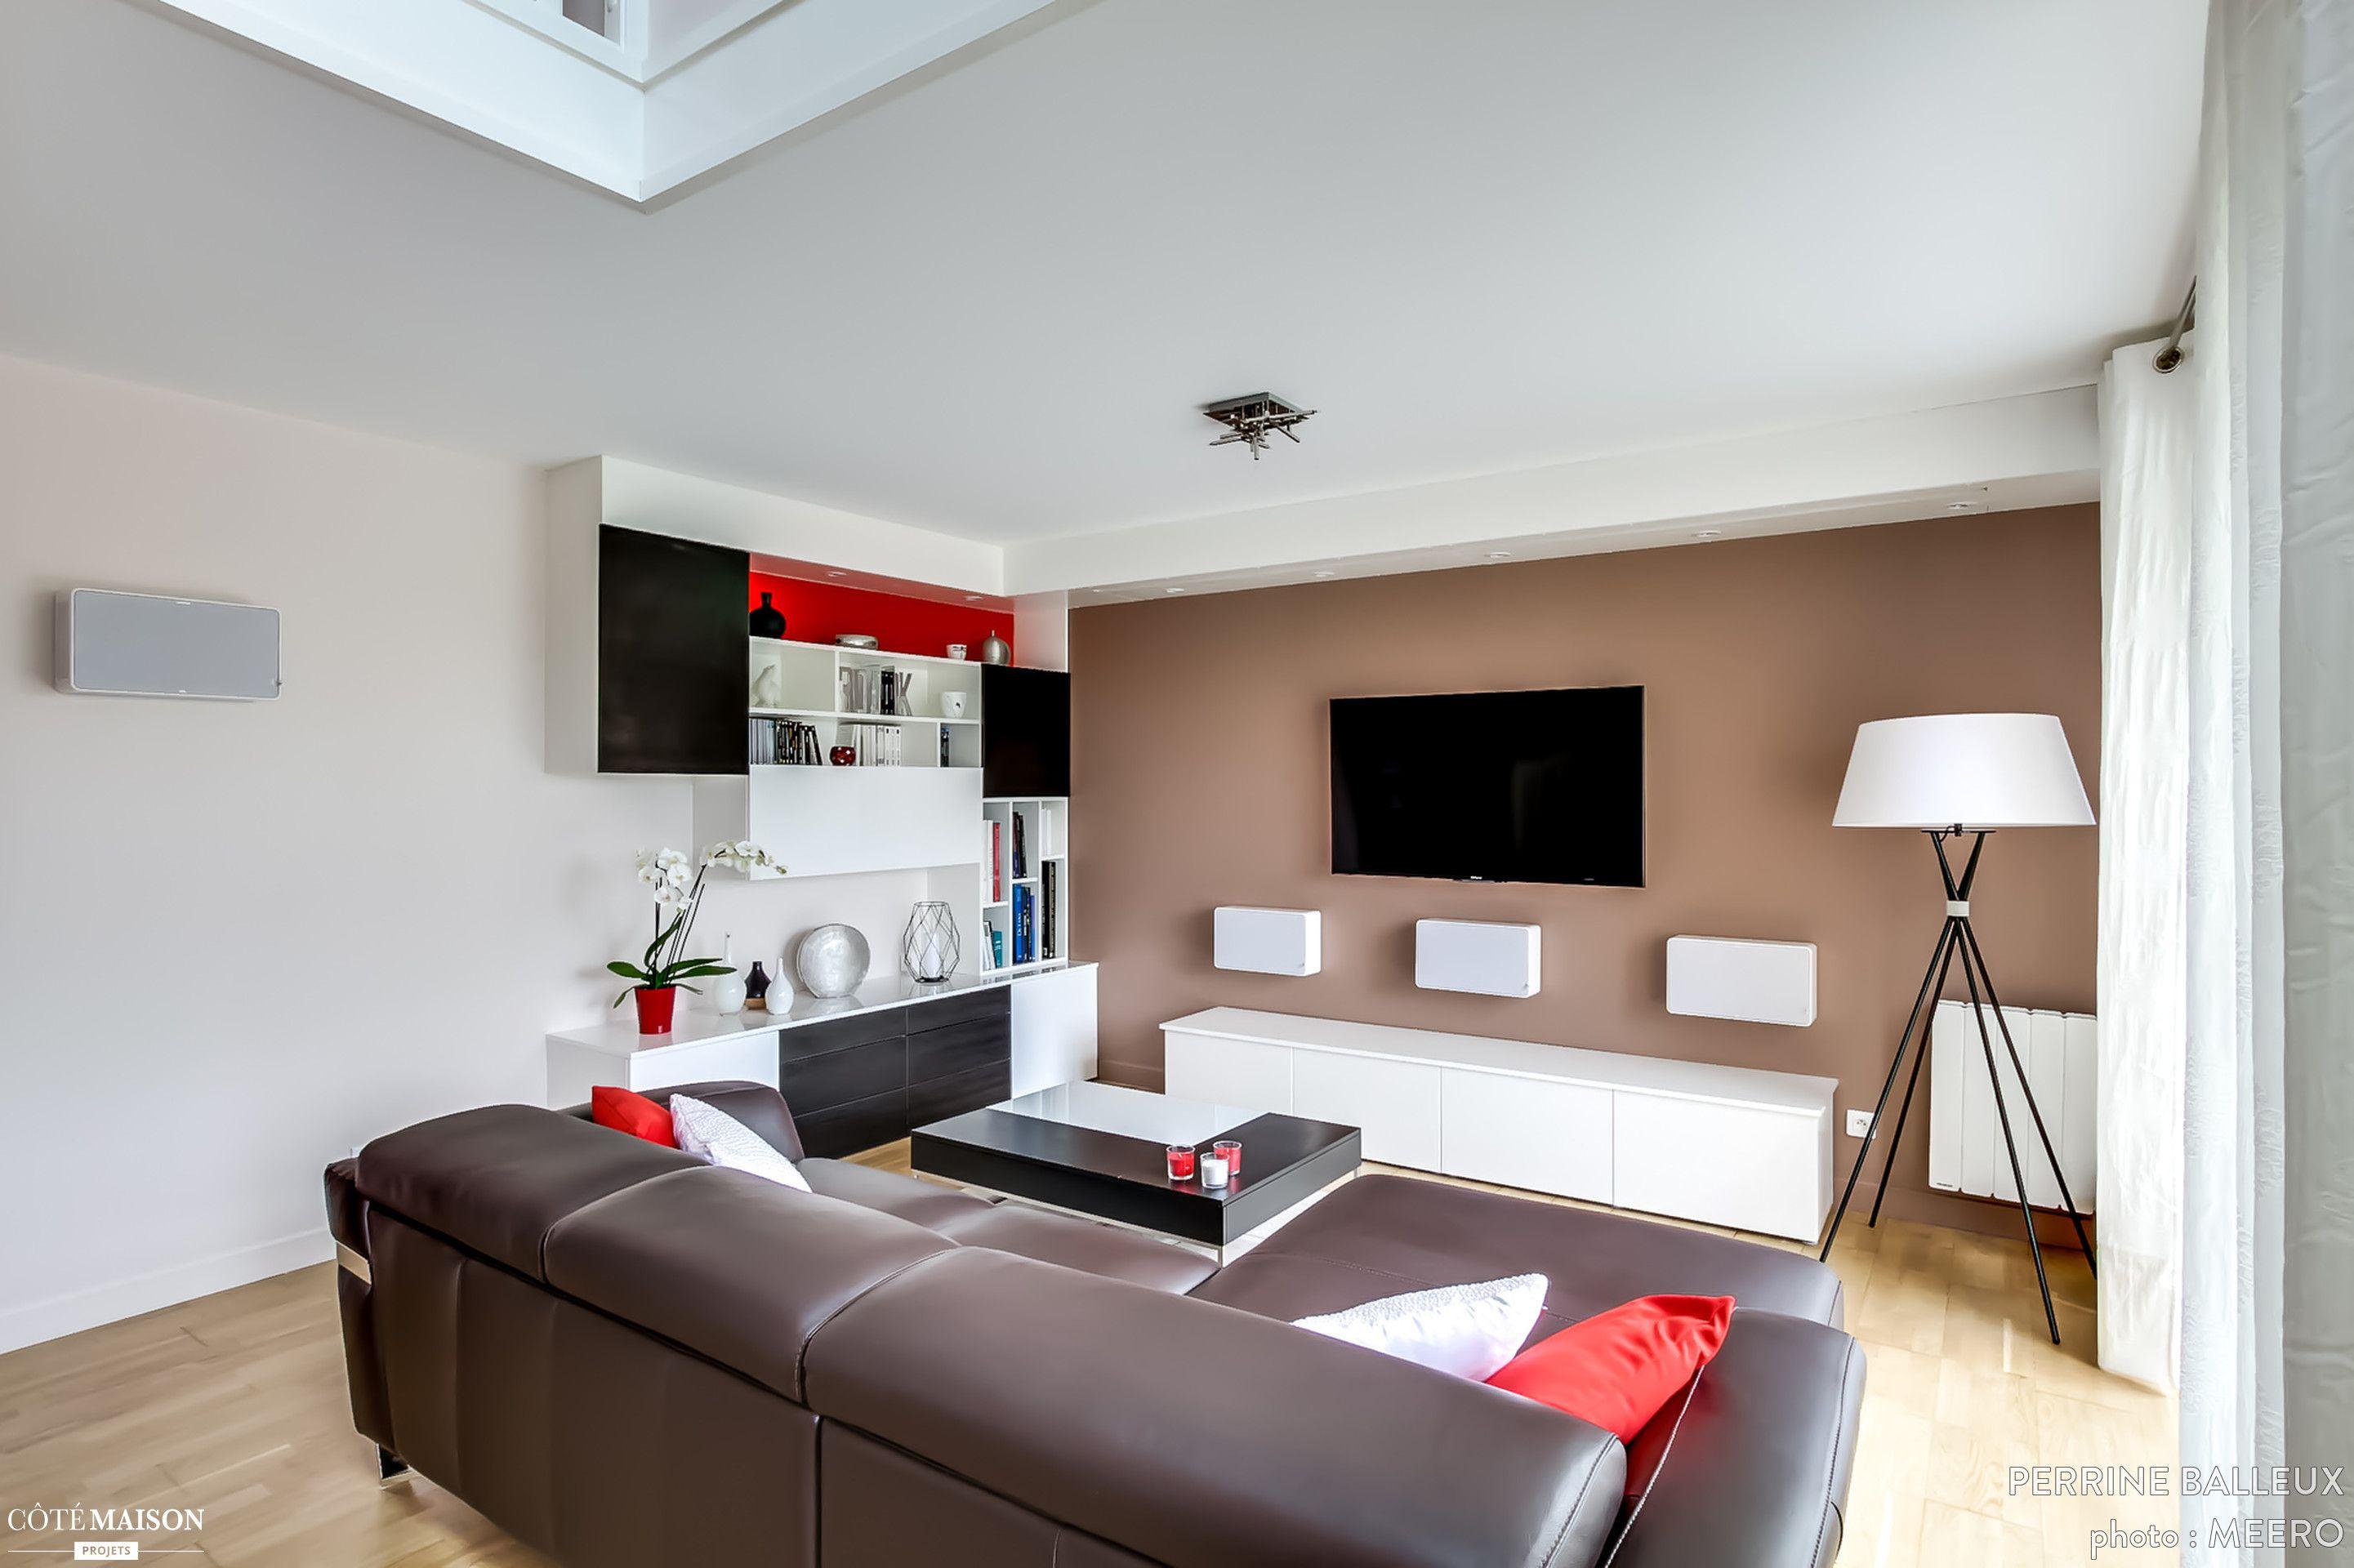 Salon moderne et contemporain. Canapé marron, télévision accrochée ...